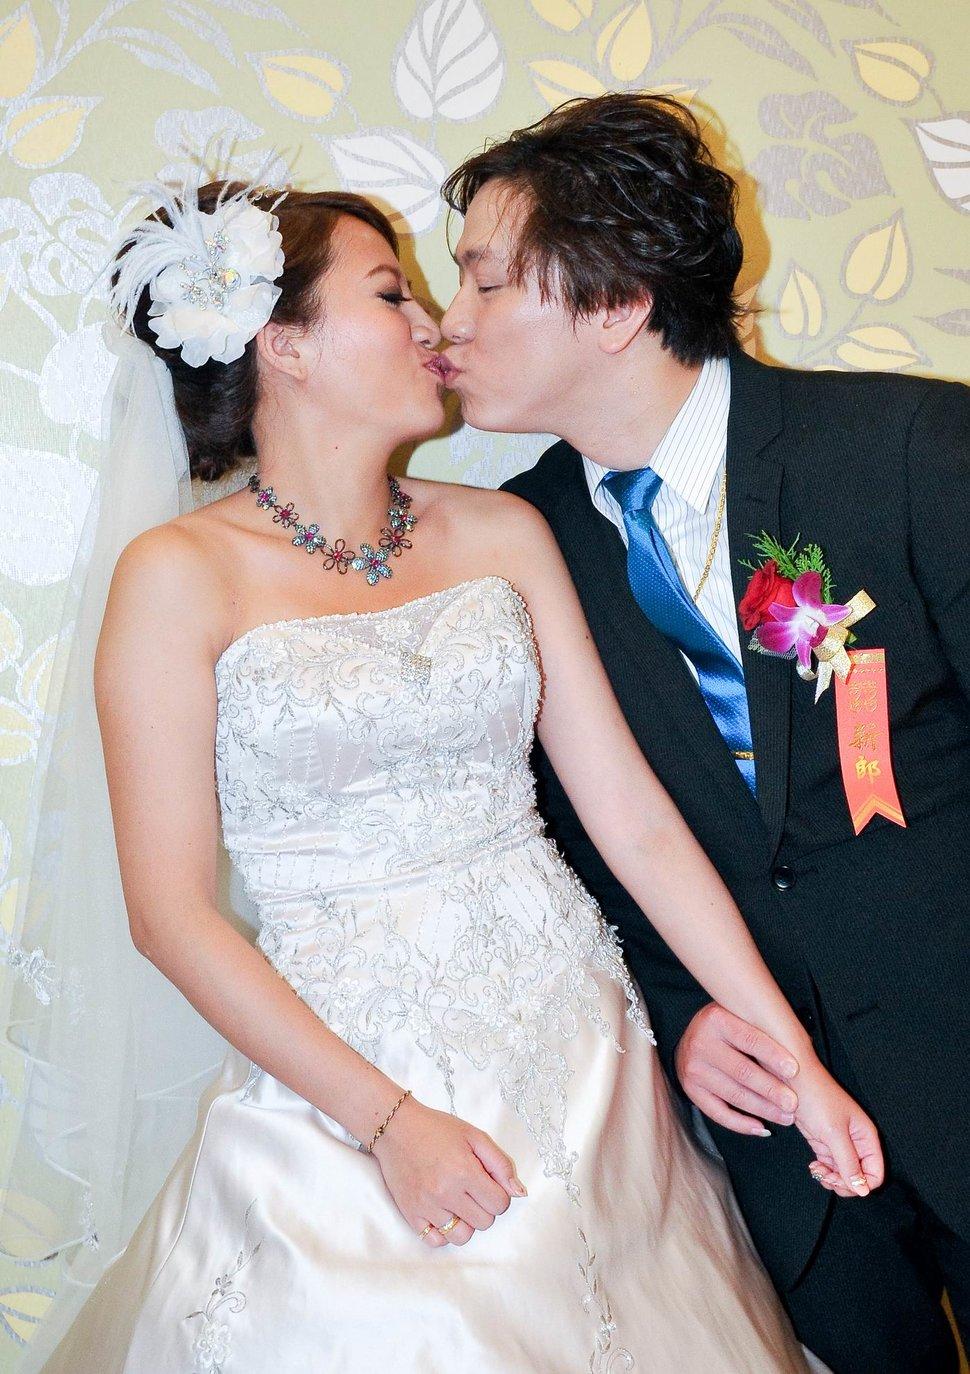 新店璽筵國際宴會廳結婚迎娶儀式午宴婚禮記錄結婚迎娶婚禮記錄動態微電影錄影專業錄影平面攝影婚攝婚禮主持人(編號:214802) - 蜜月拍照10800錄影12800攝影團隊 - 結婚吧